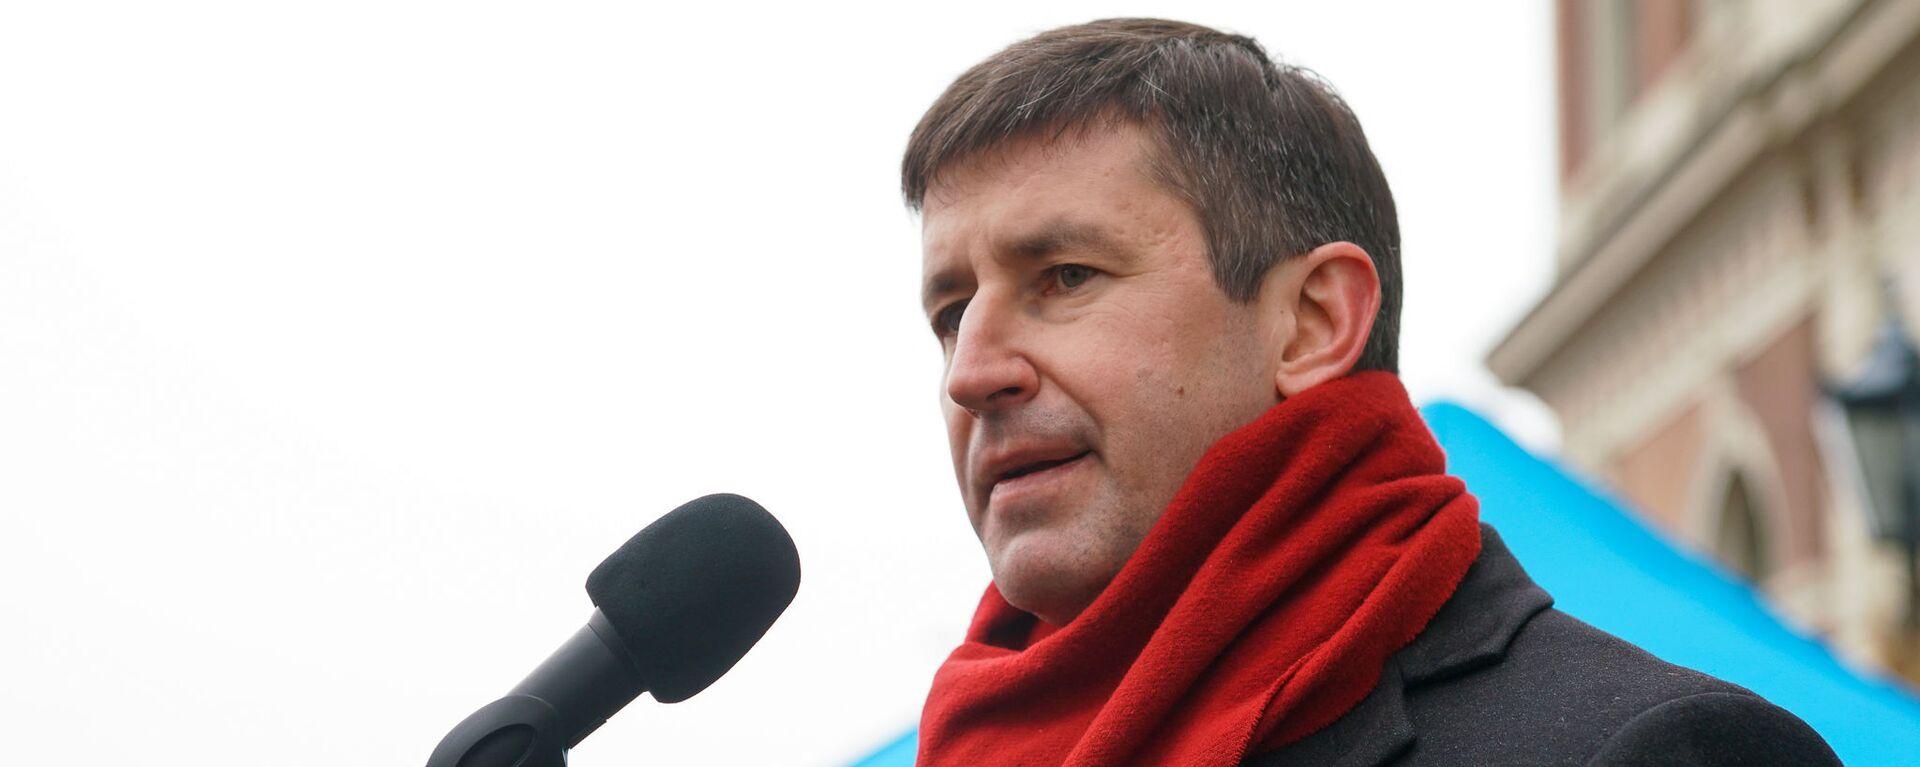 Вячеслав Домбровский на митинге на Ратушной площади в поддержку мэра города Нила Ушакова - Sputnik Латвия, 1920, 25.08.2021